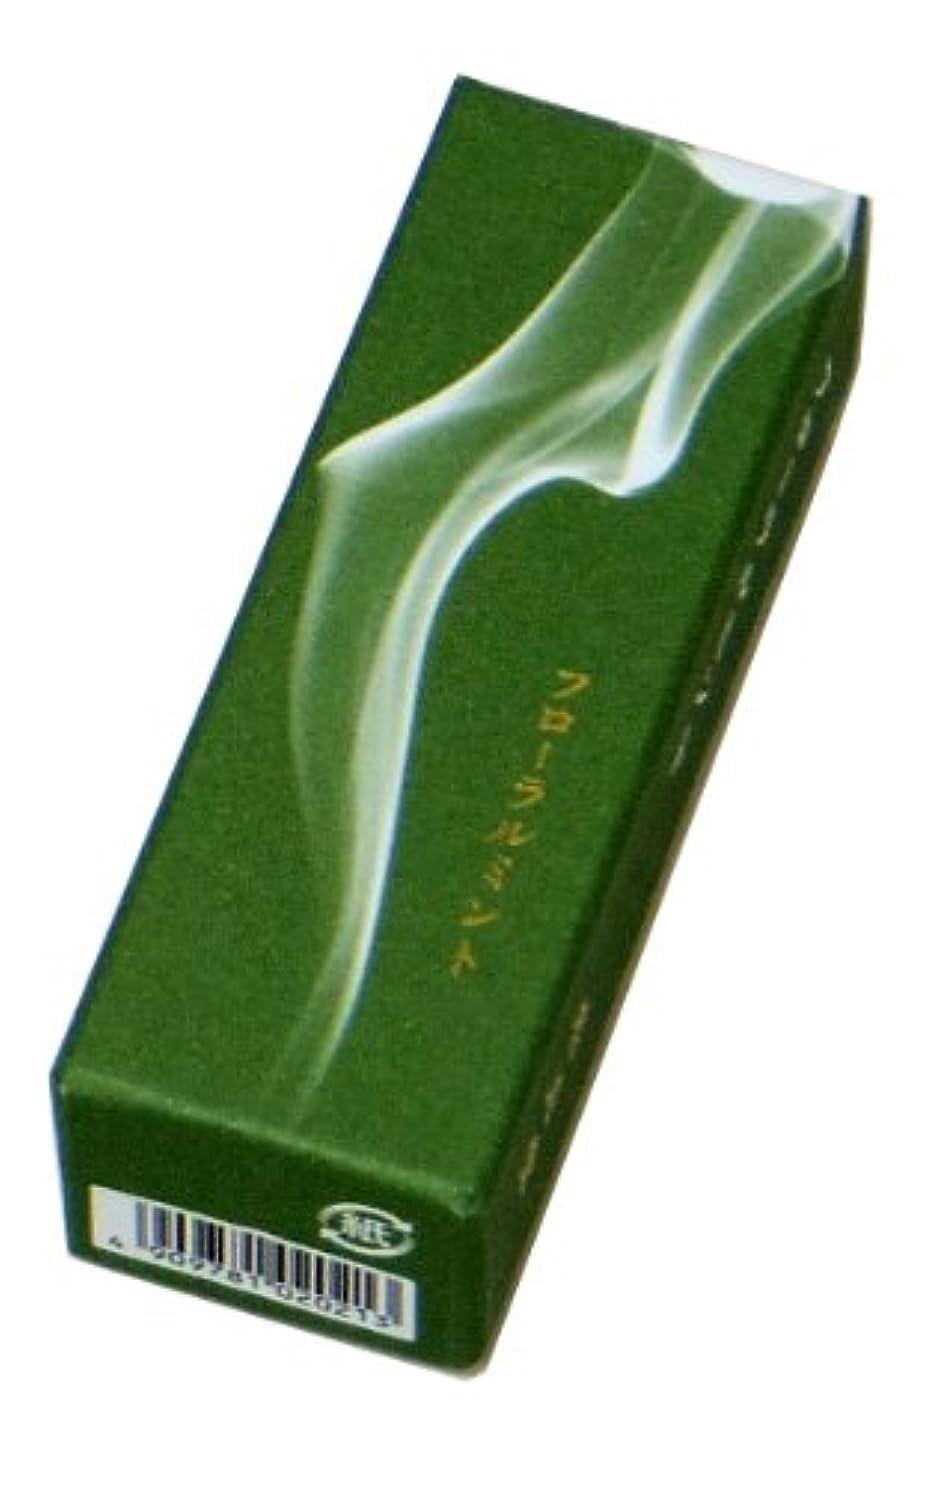 鳩居堂のお香 香水の香り フローラルミント 20本入 6cm